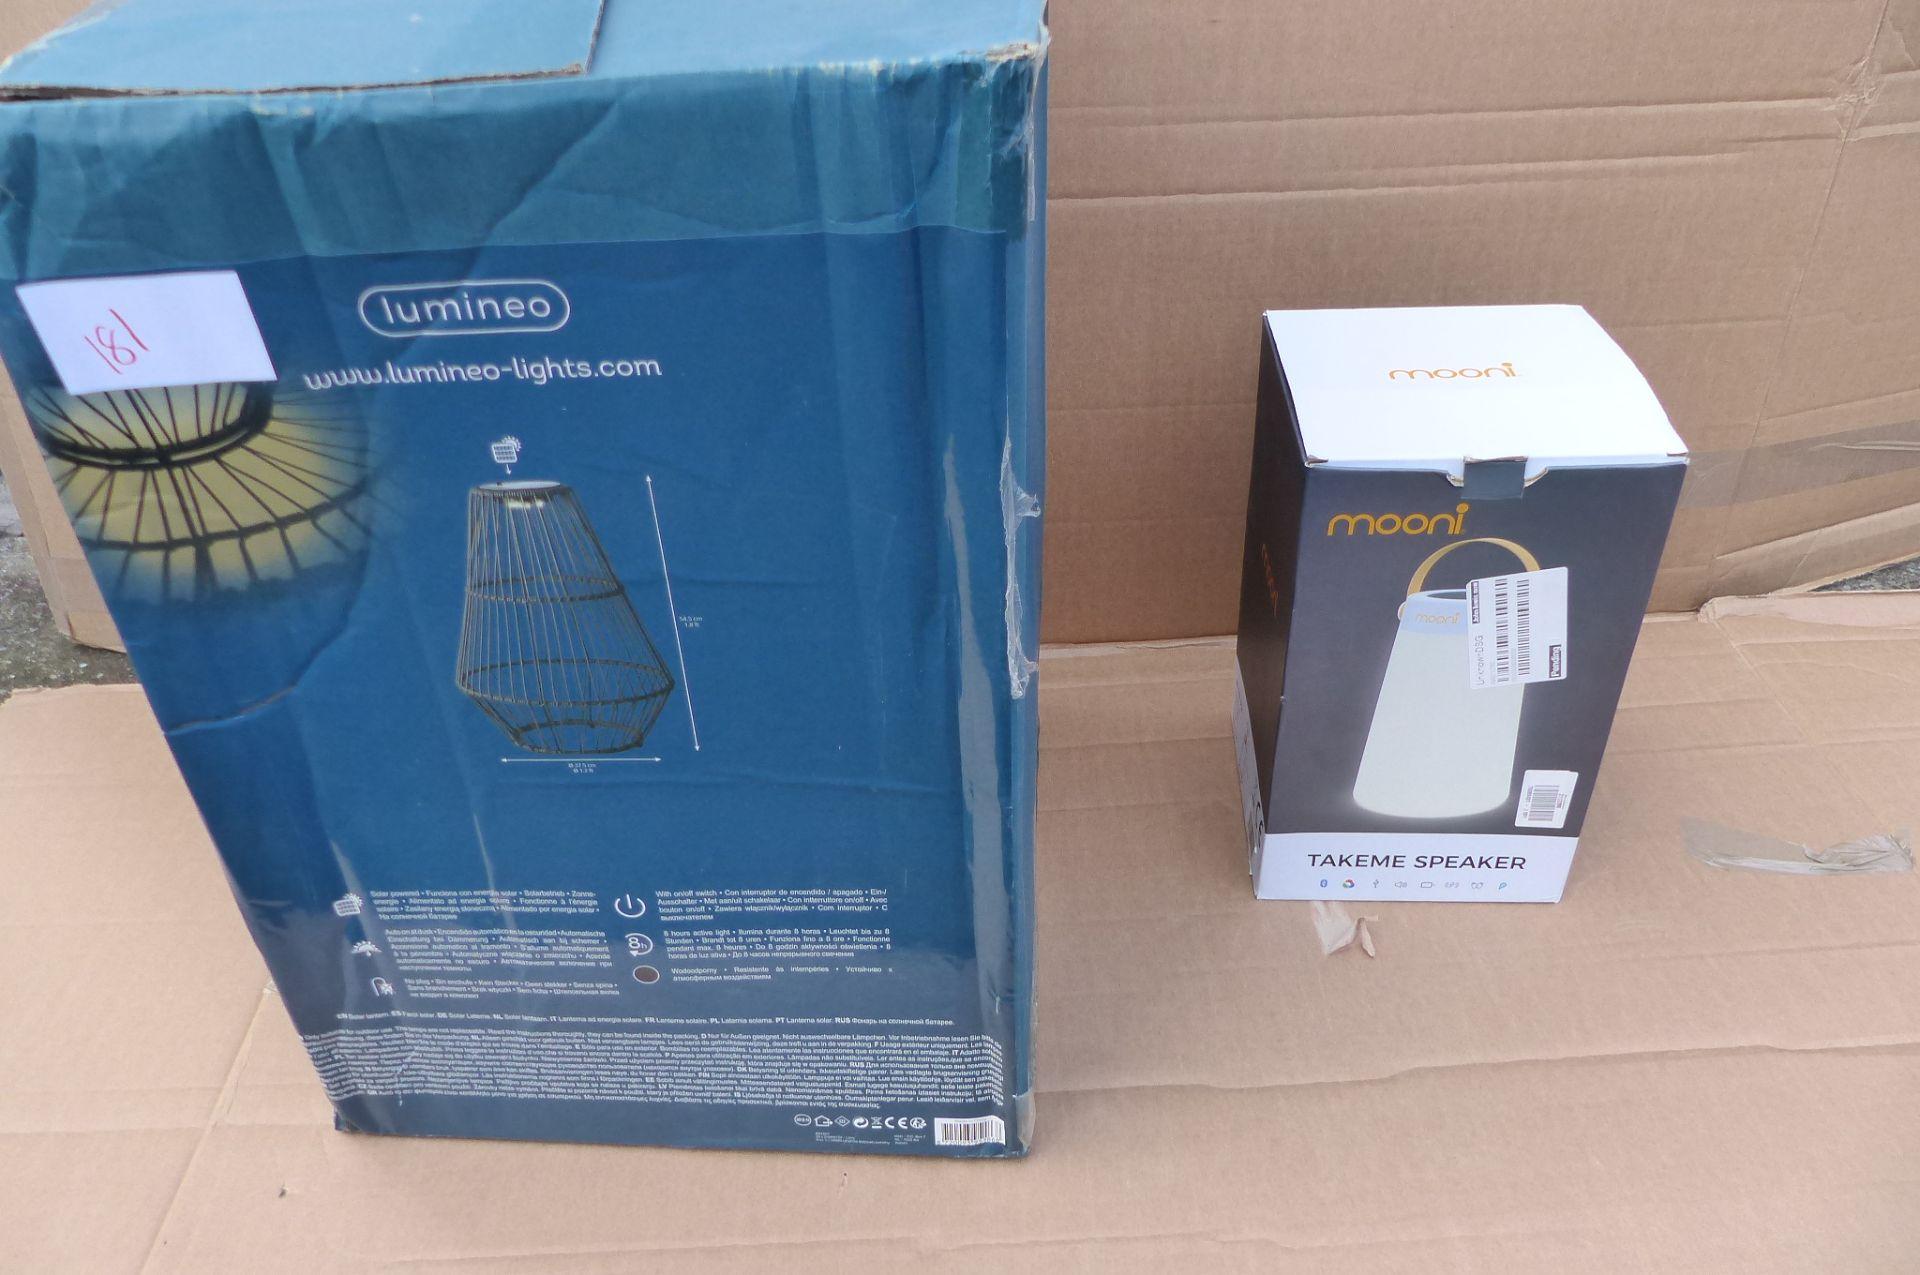 Mooni Light & Speaker + Lumineo lantern SKU181